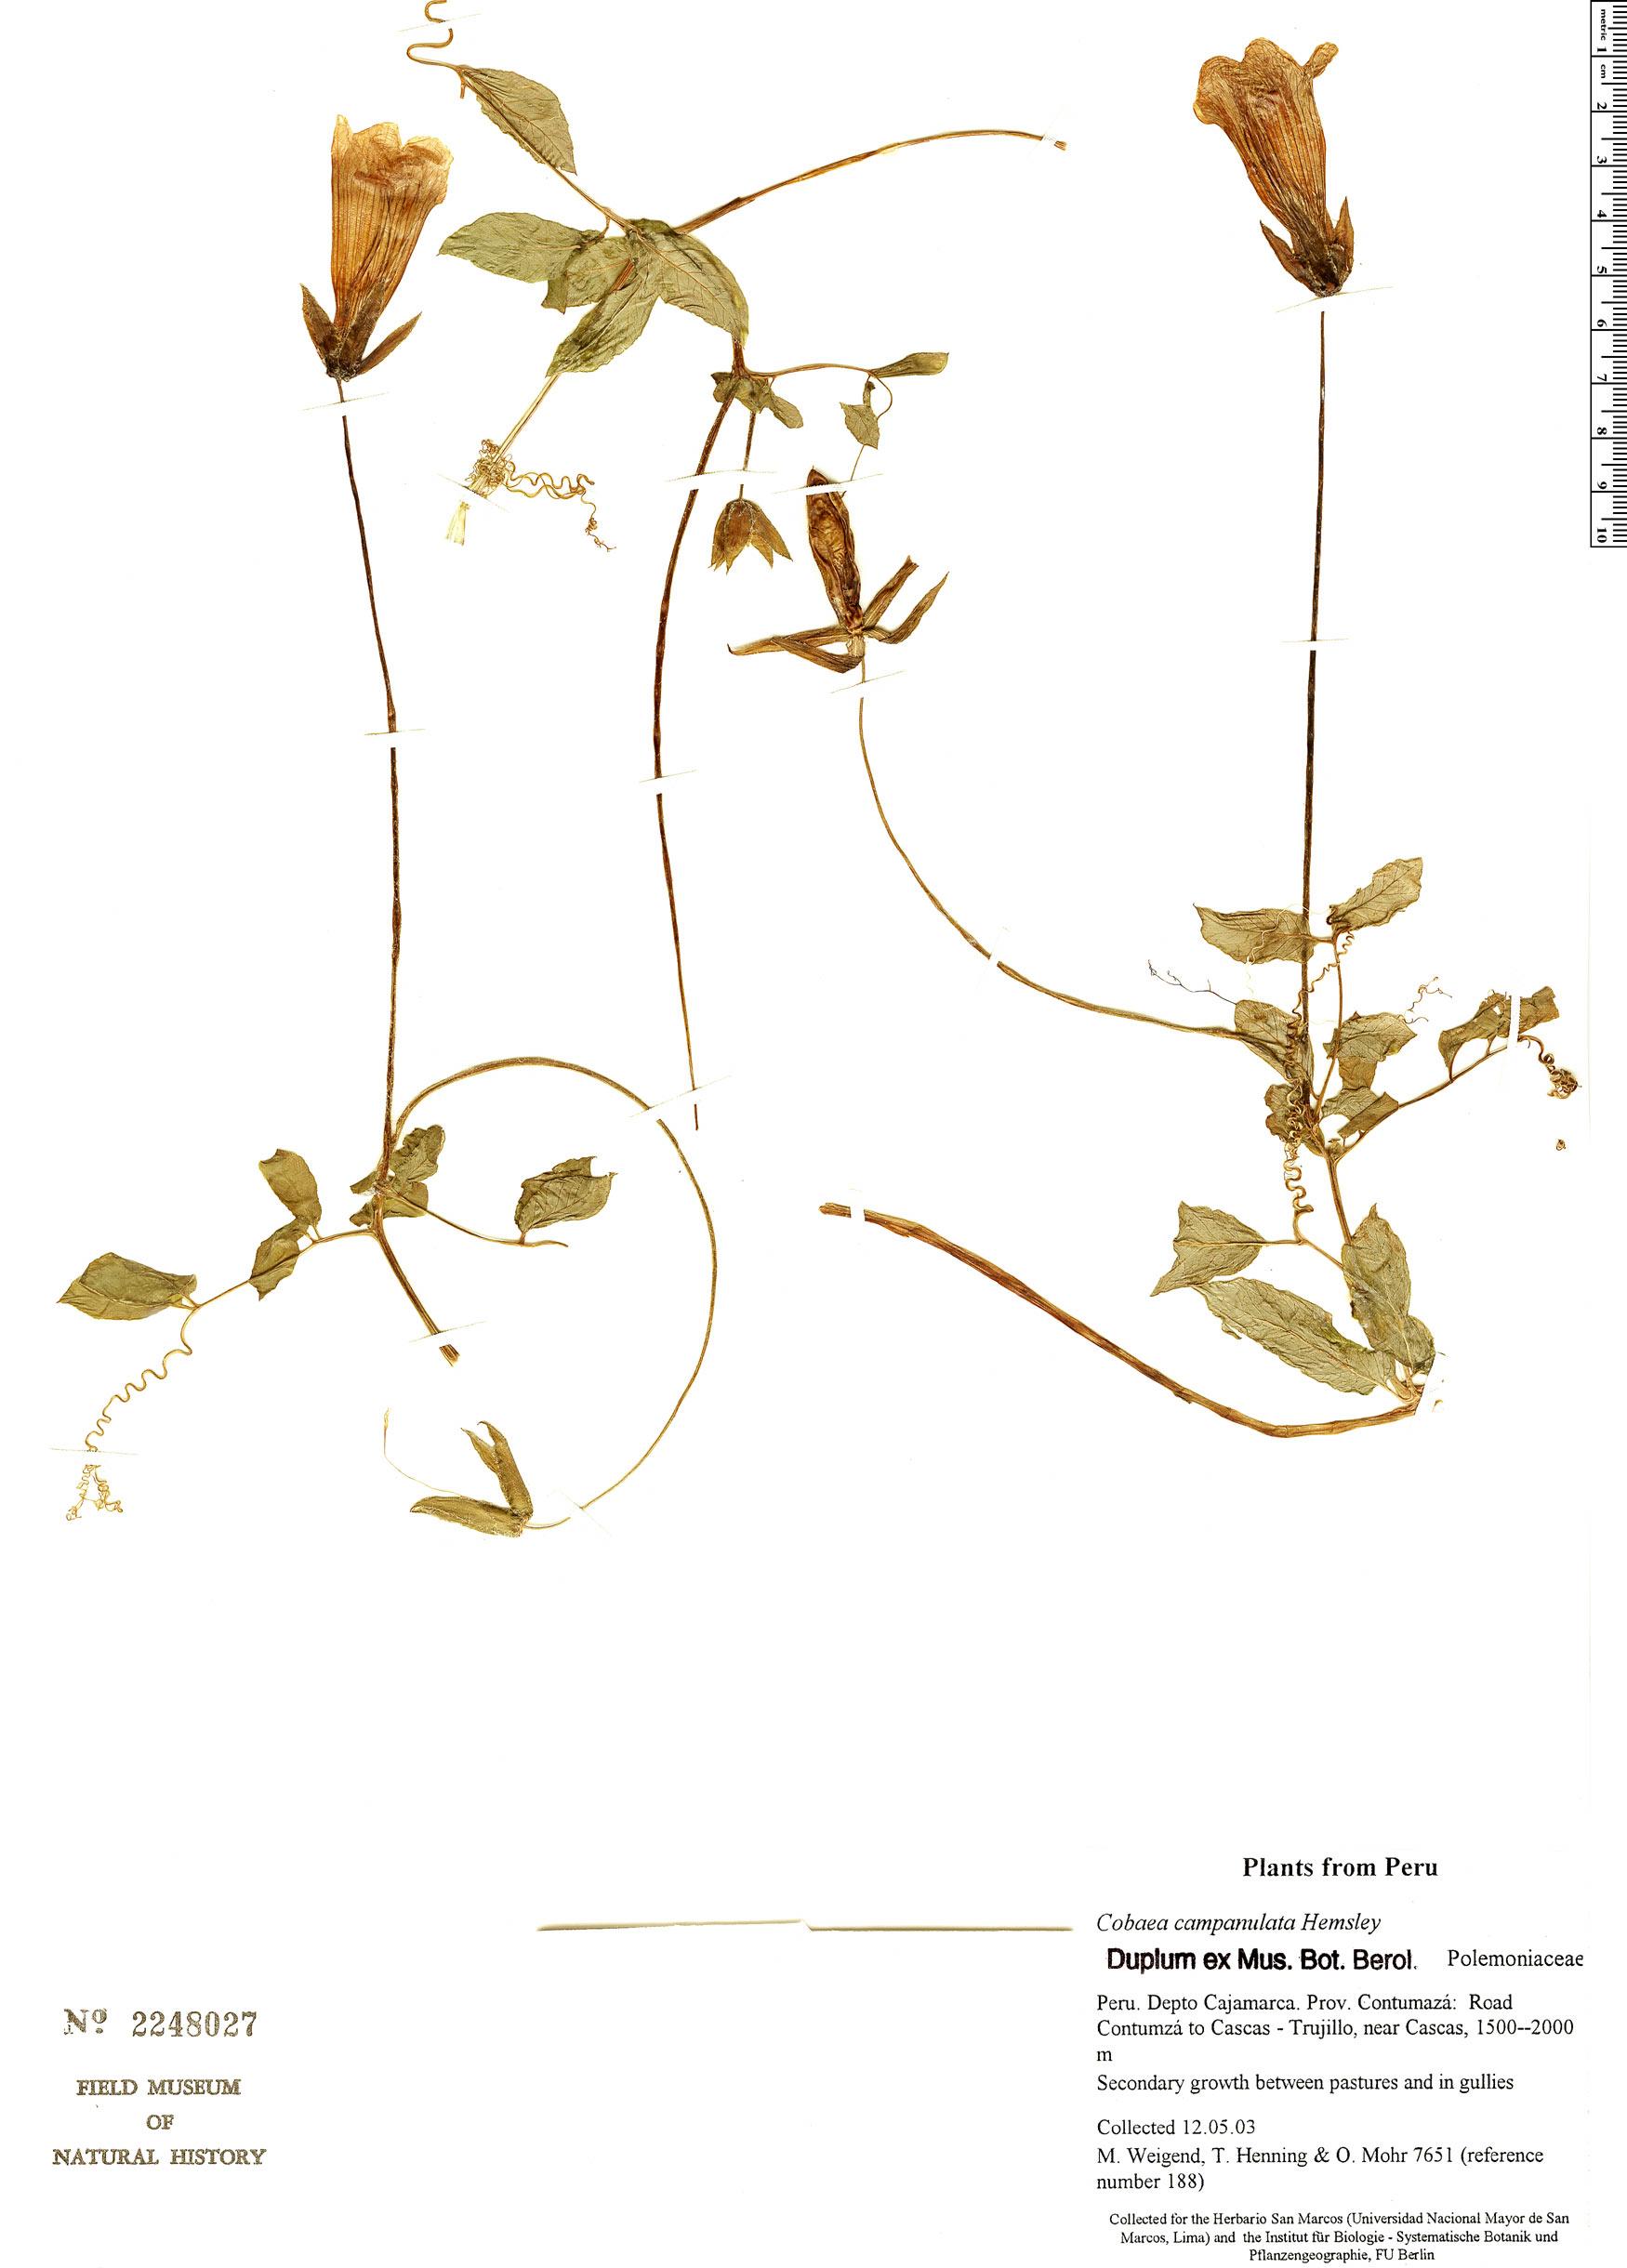 Cobaea campanulata image